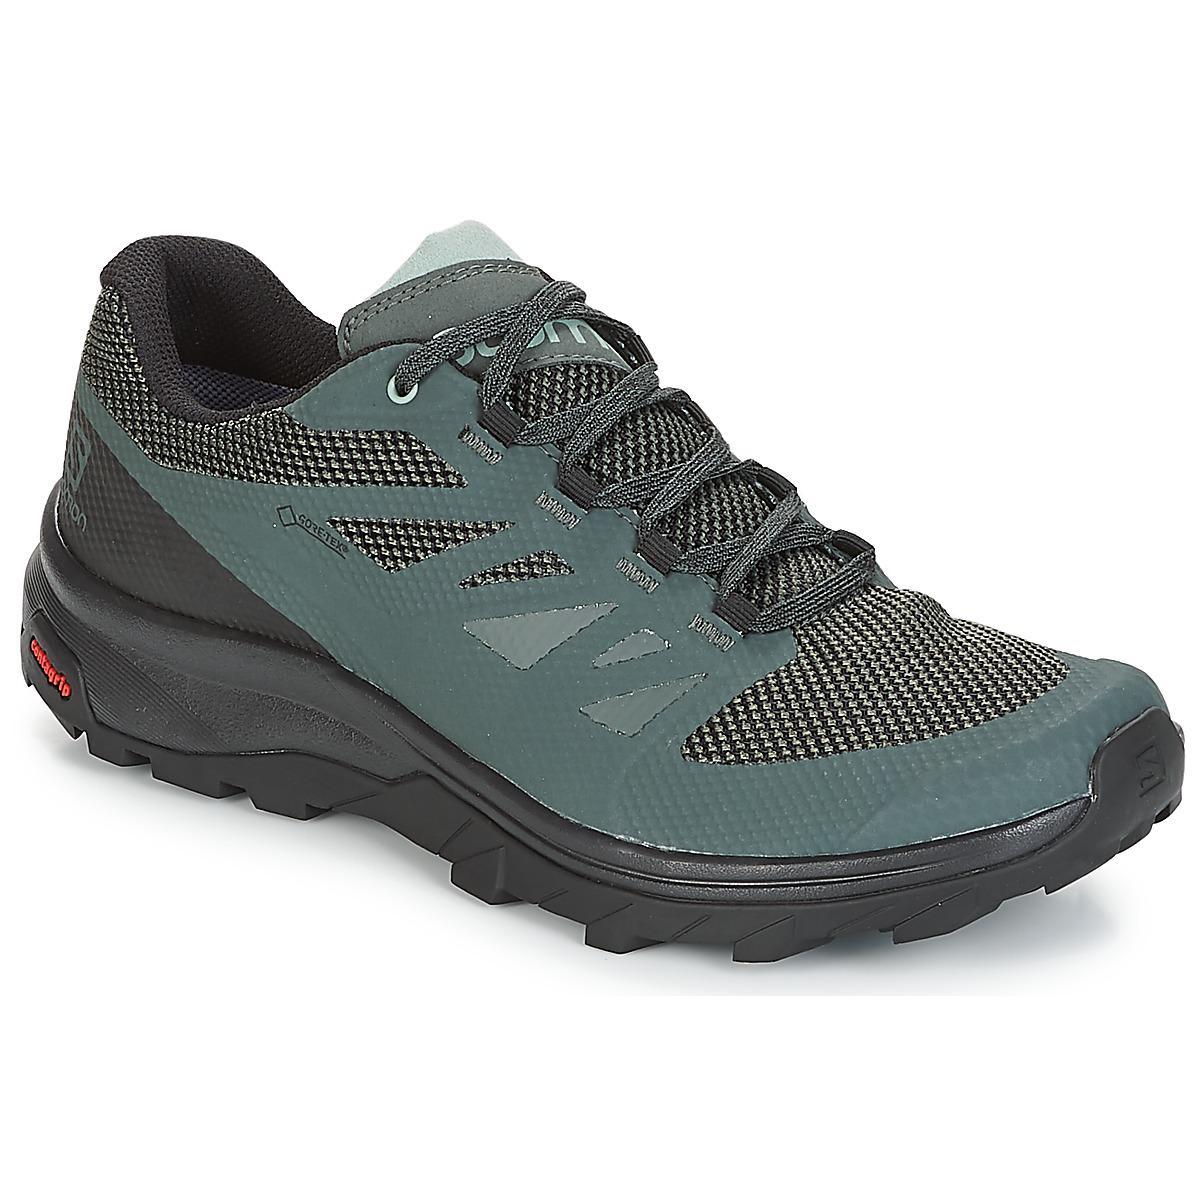 ebc74887609c Yves Salomon Outline Gtx® Men s Walking Boots In Green in Green for ...